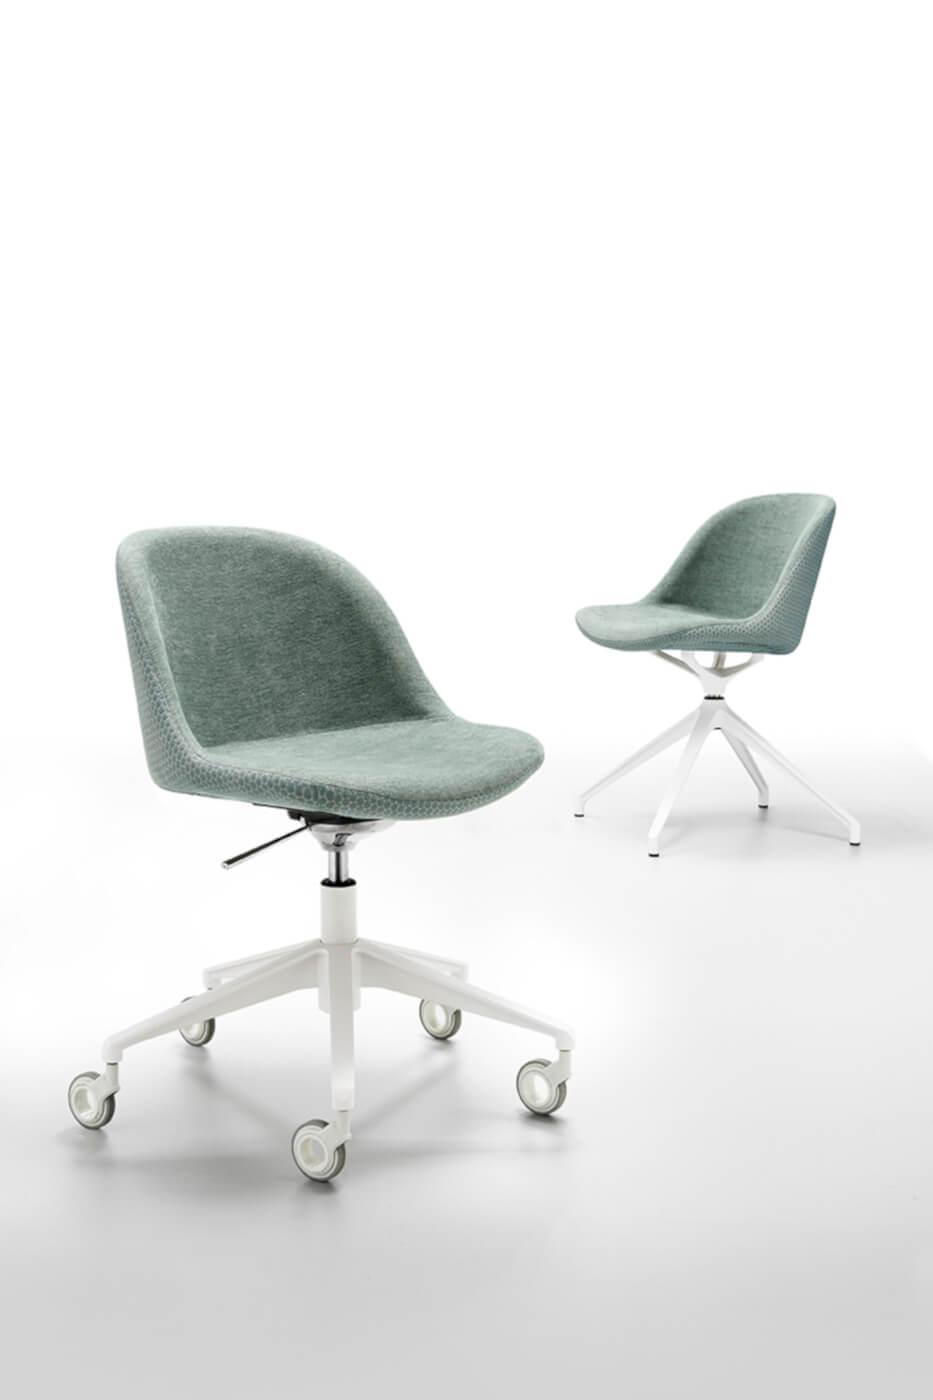 Sedia con ruote Sonny con seduta in tessuto verde e base in metallo bianco